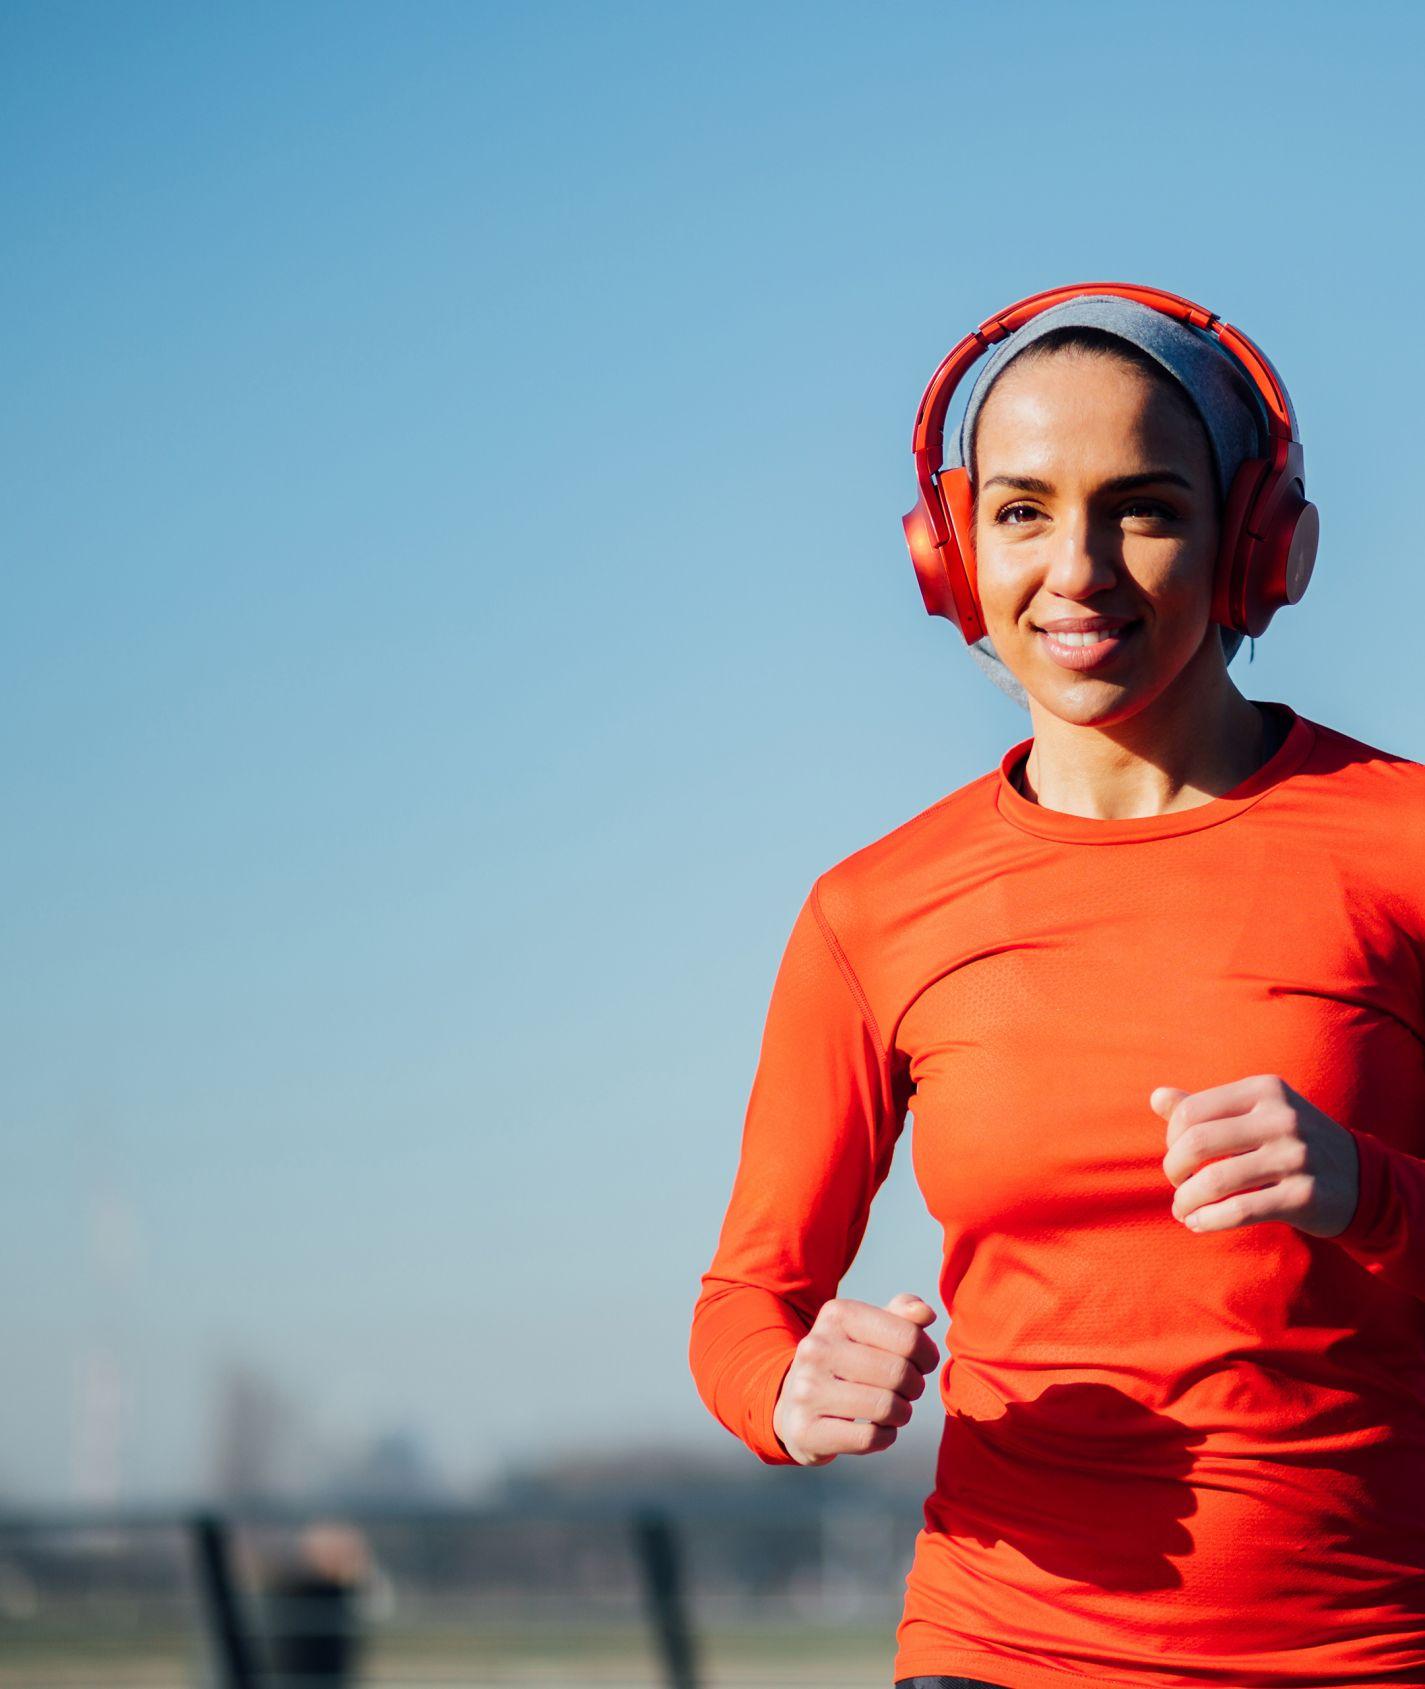 junge joggende Frau mit orangem Langarmshirt und roten Kopfhören